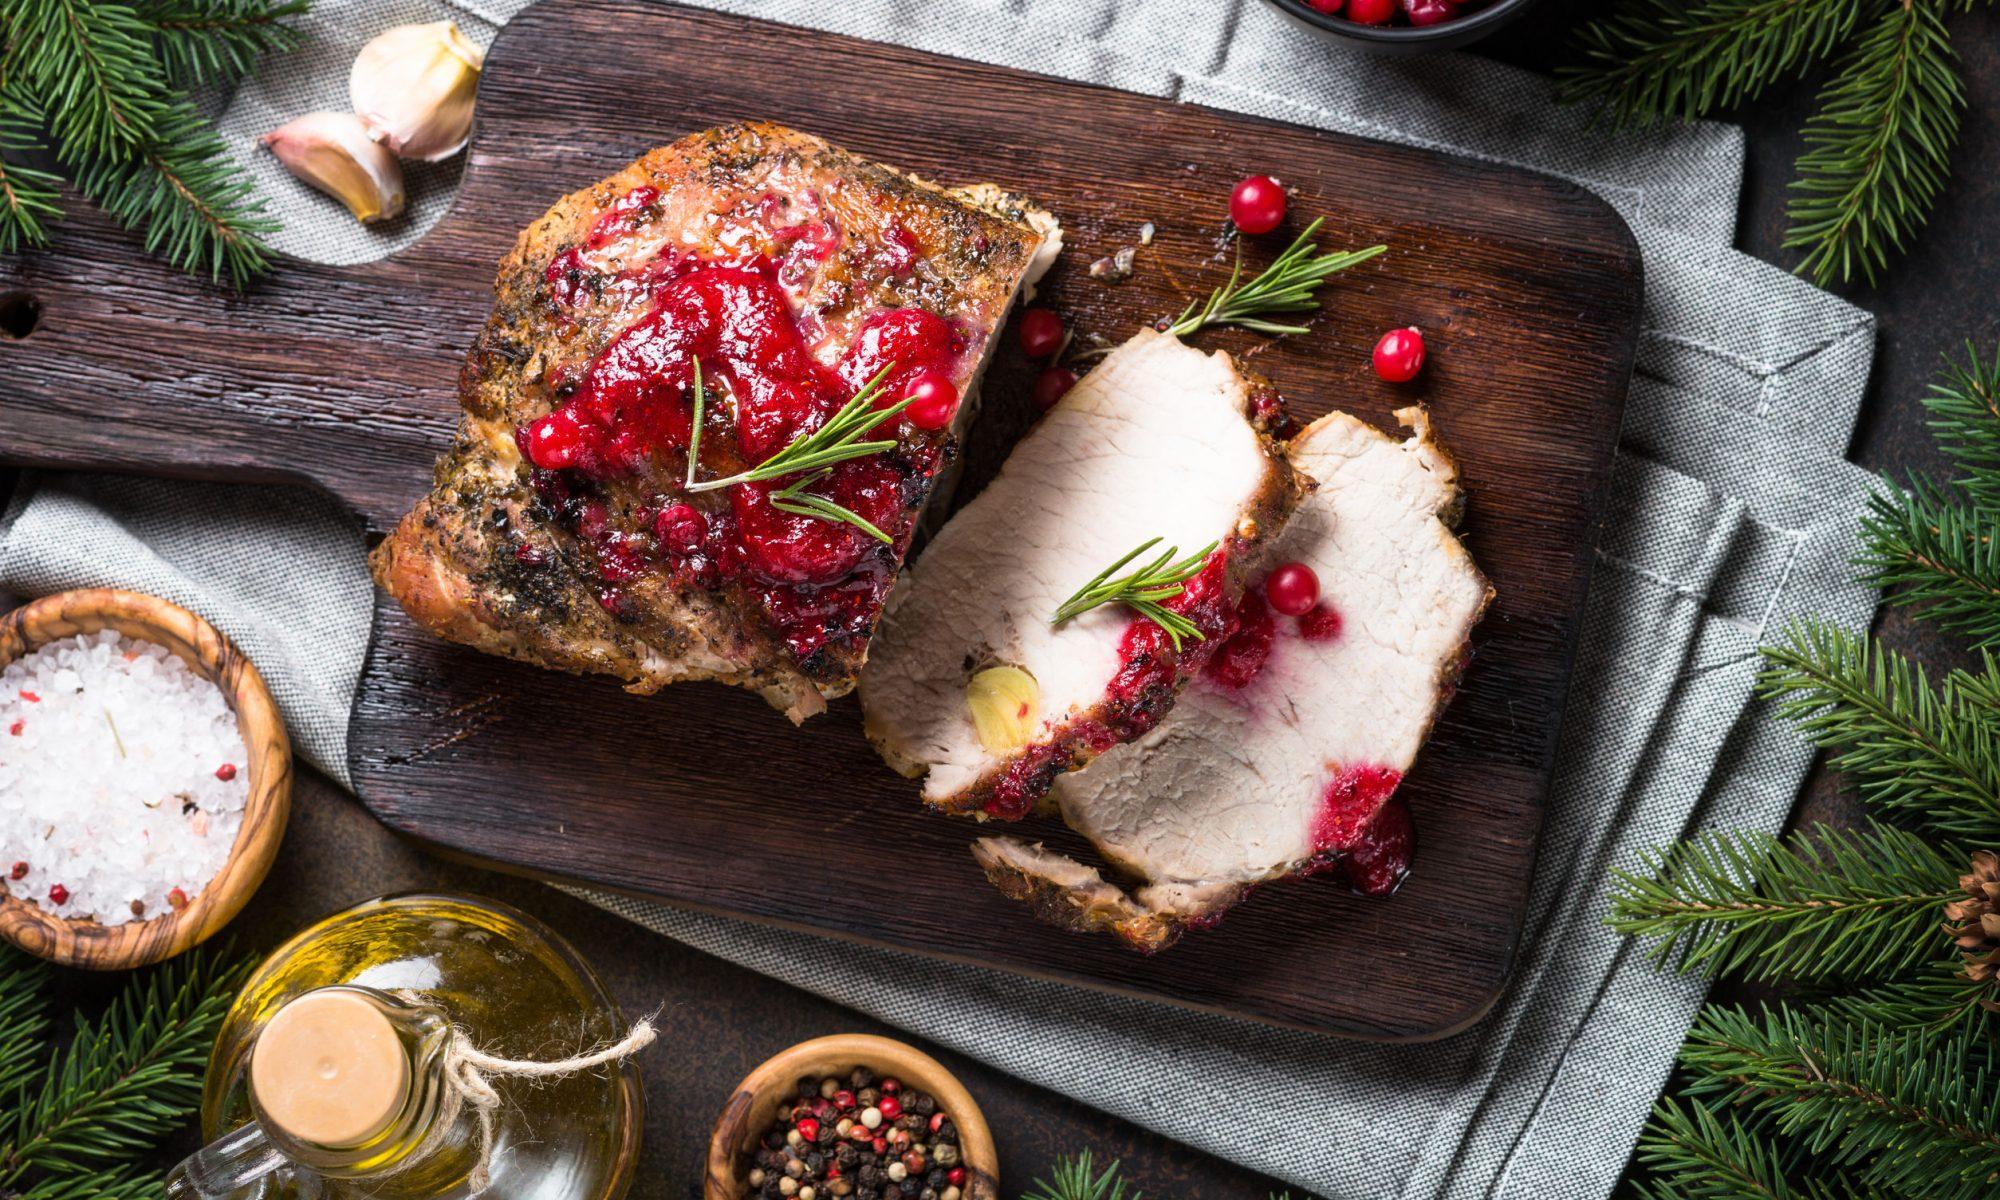 Топ-5 основных блюд на новогодний стол